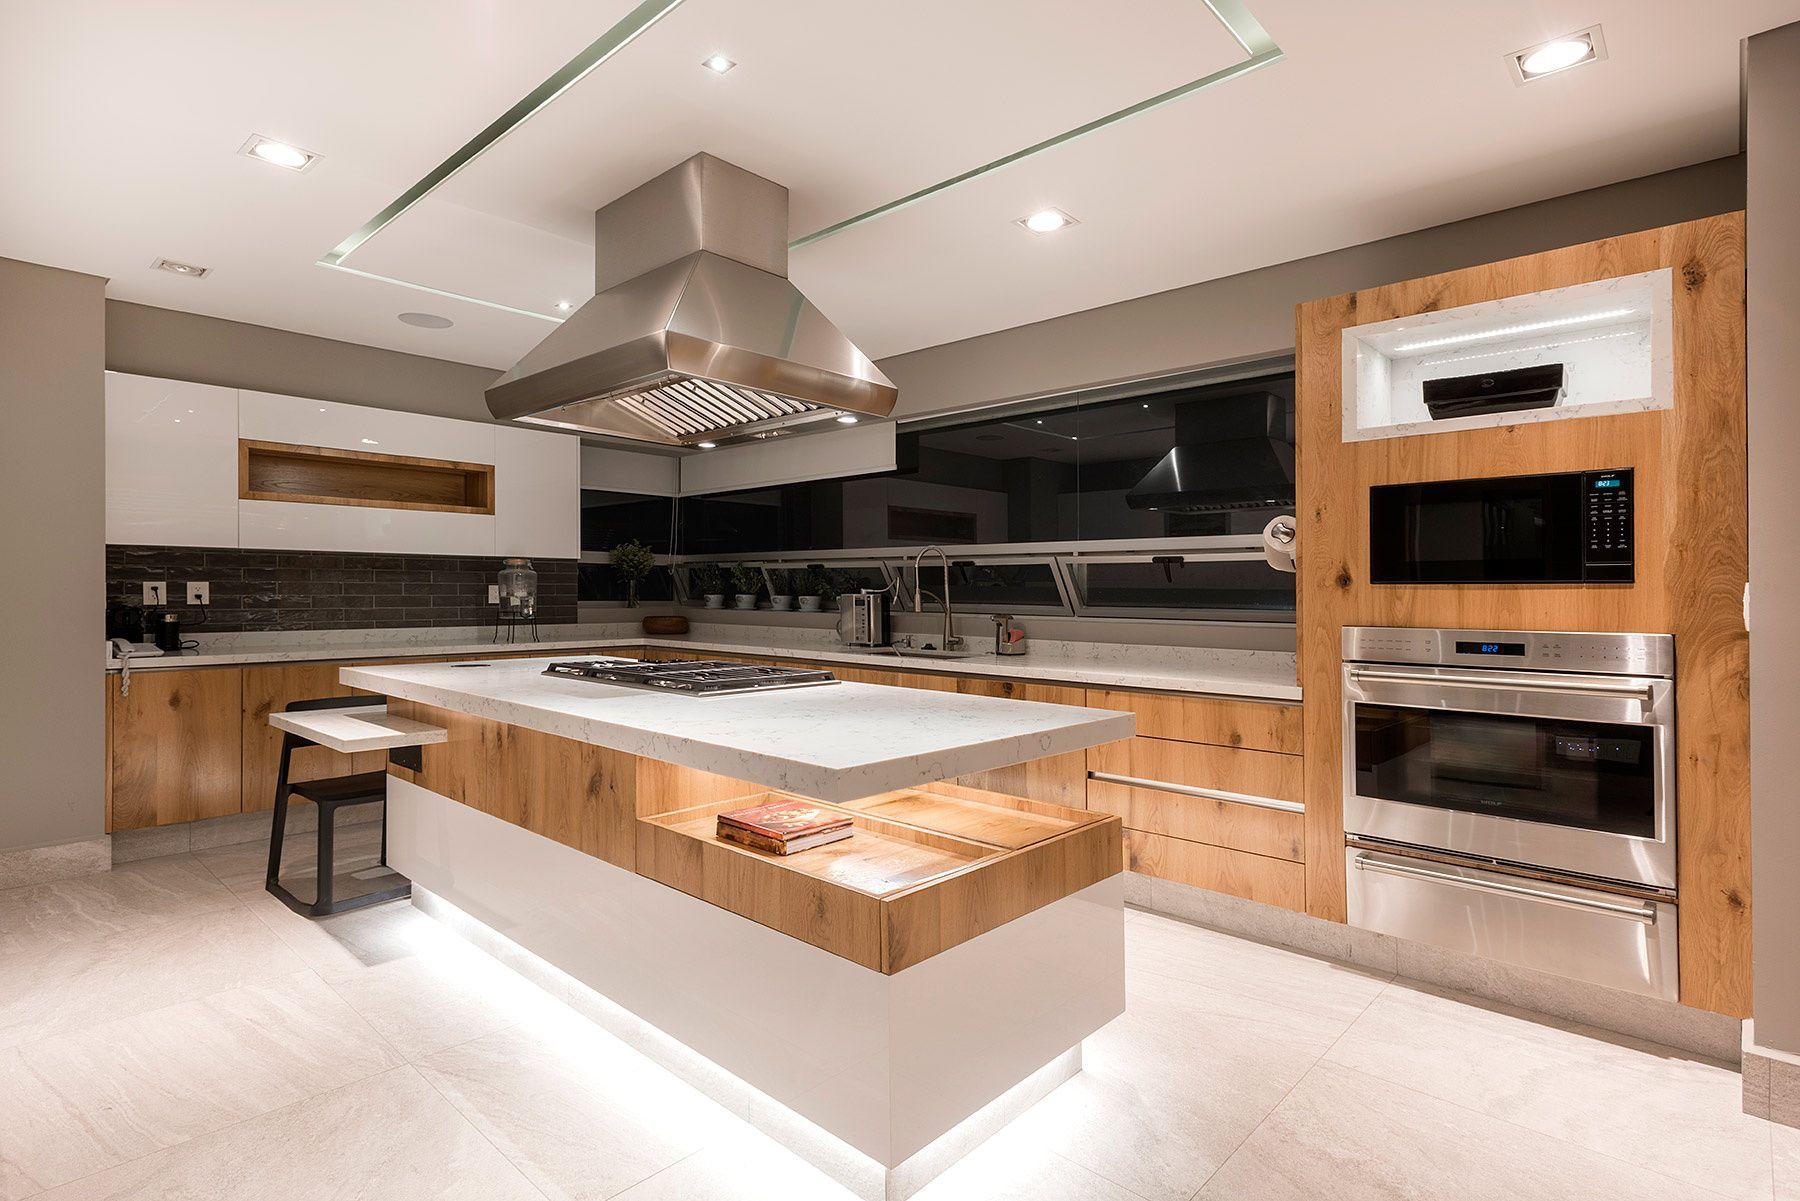 Dise o interior a la medida calidez galer a de fotos 6 for Color de pintura al aire libre casa moderna